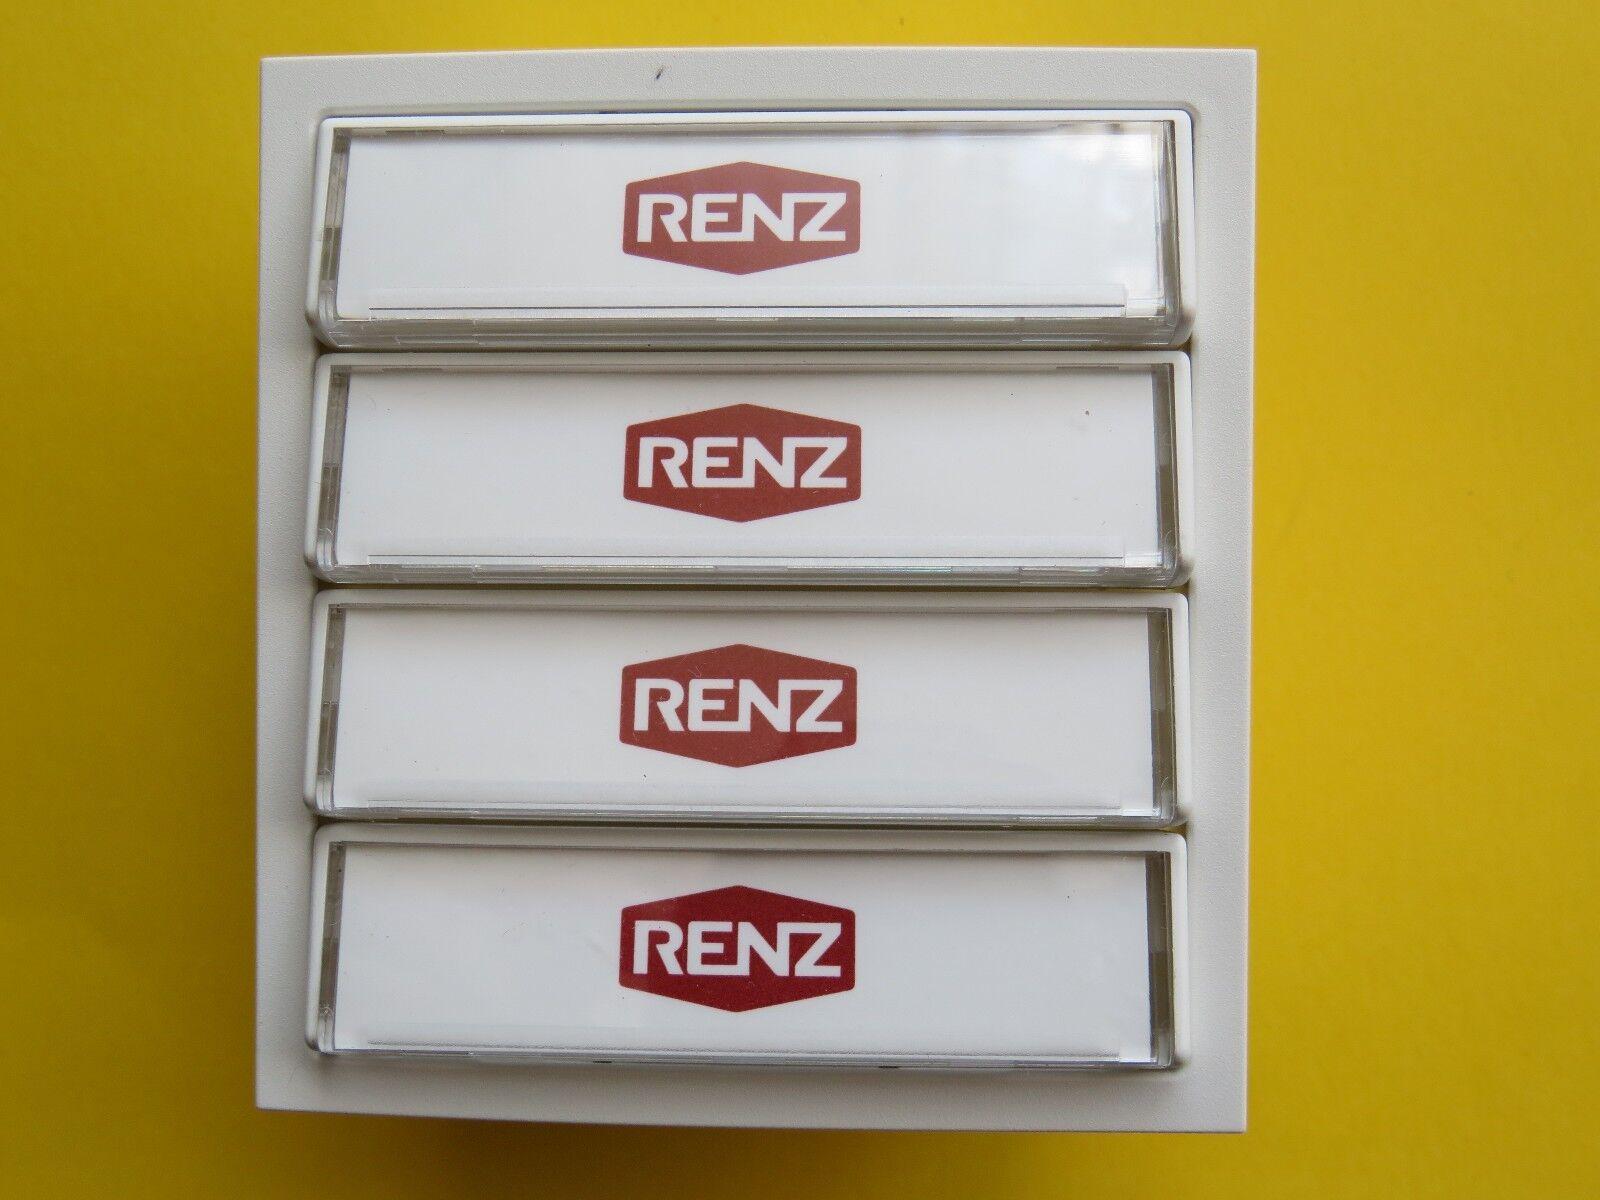 Renz Tastenmodul 4-Klingeltasten weiss oder grau Klingelmodul 97-9-85272